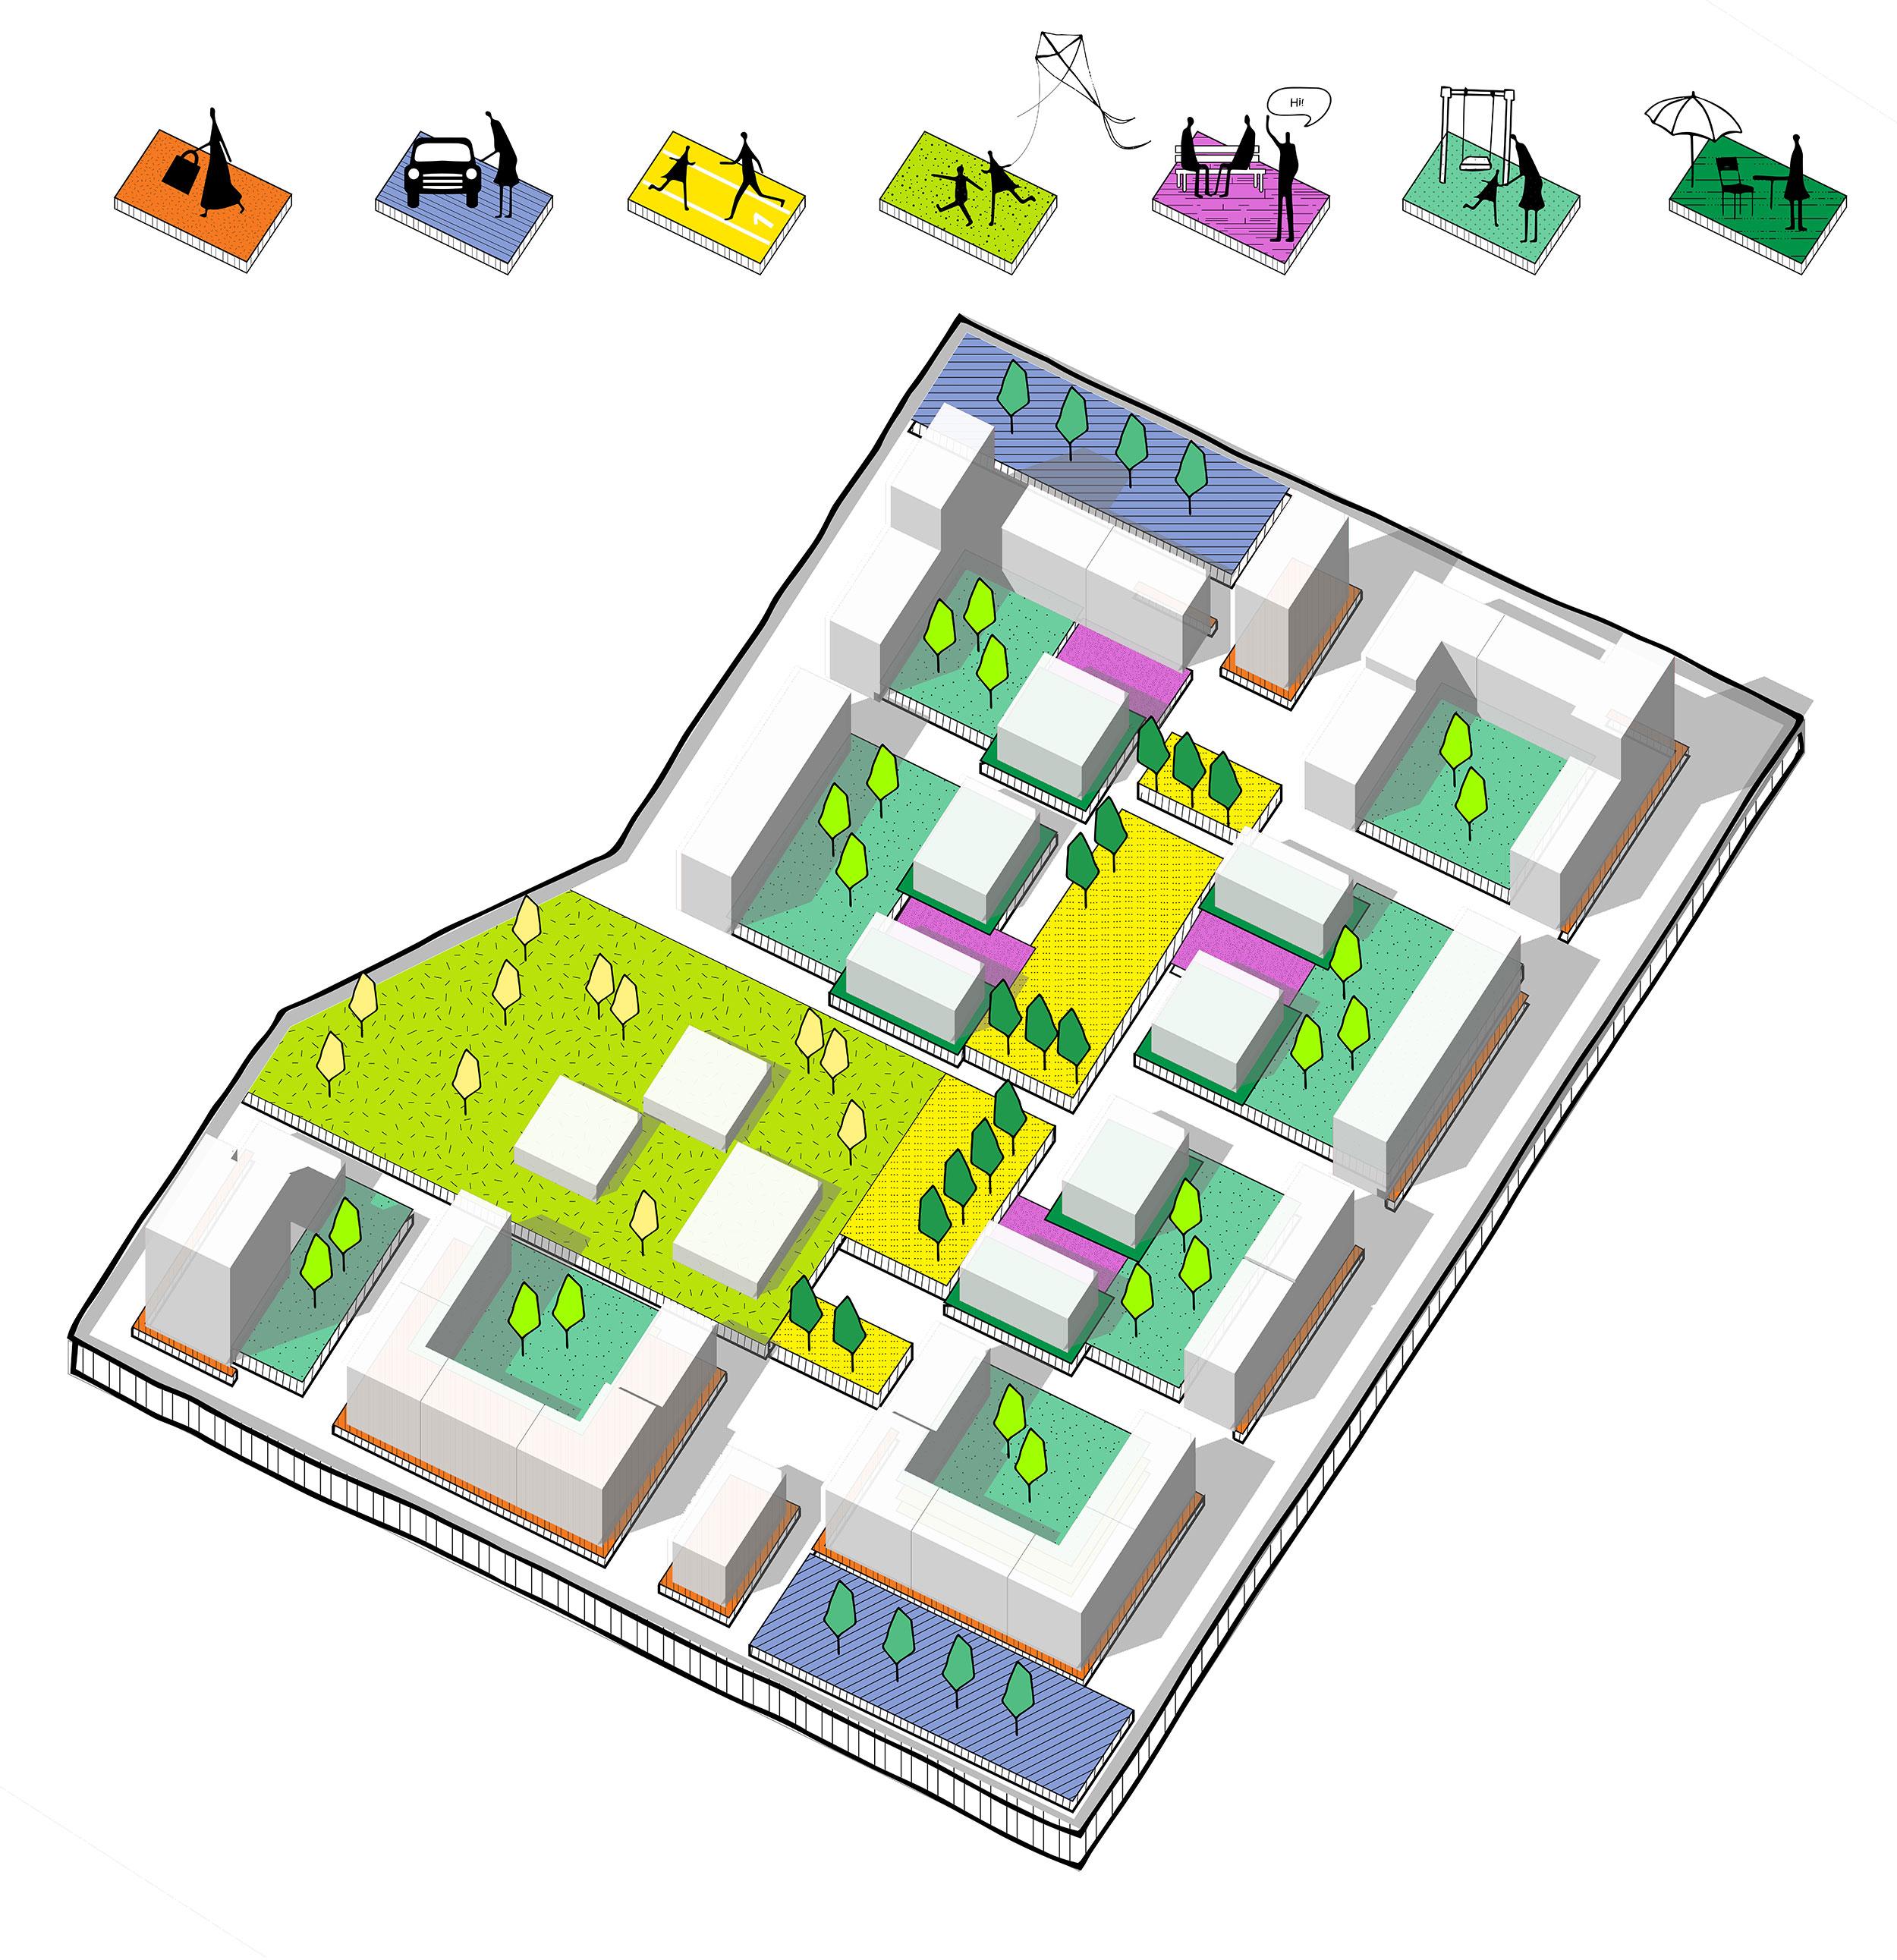 felixx-citygardens-collections.jpg